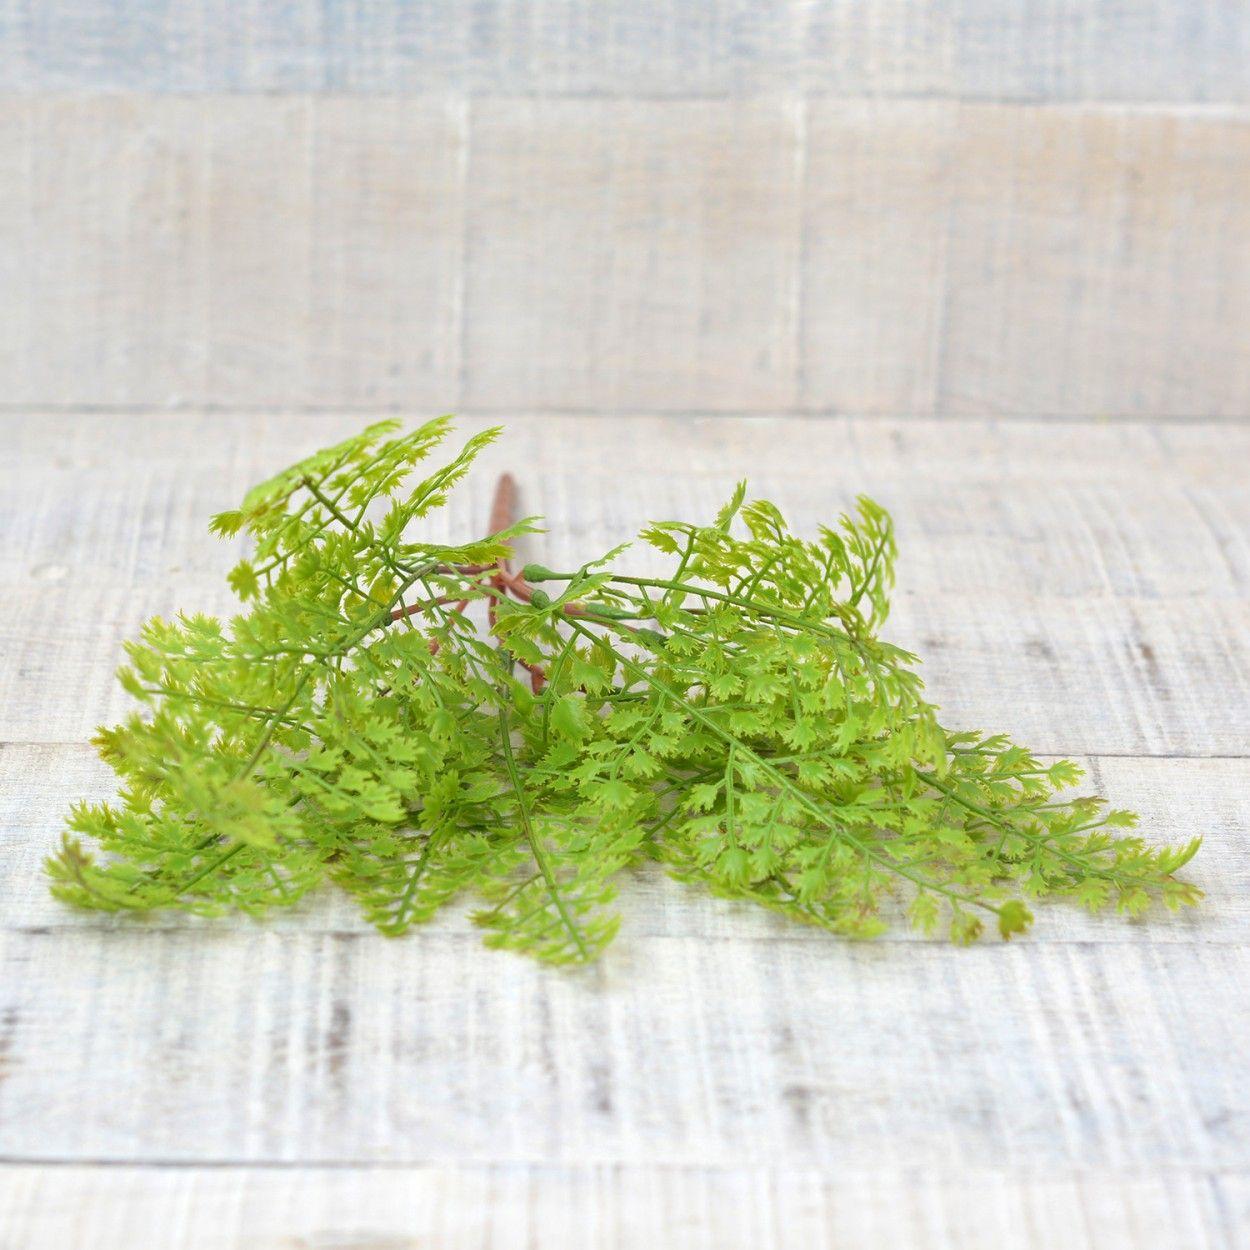 Planta artificial de ramas de helecho para jard n vertical for Hogar y jardin